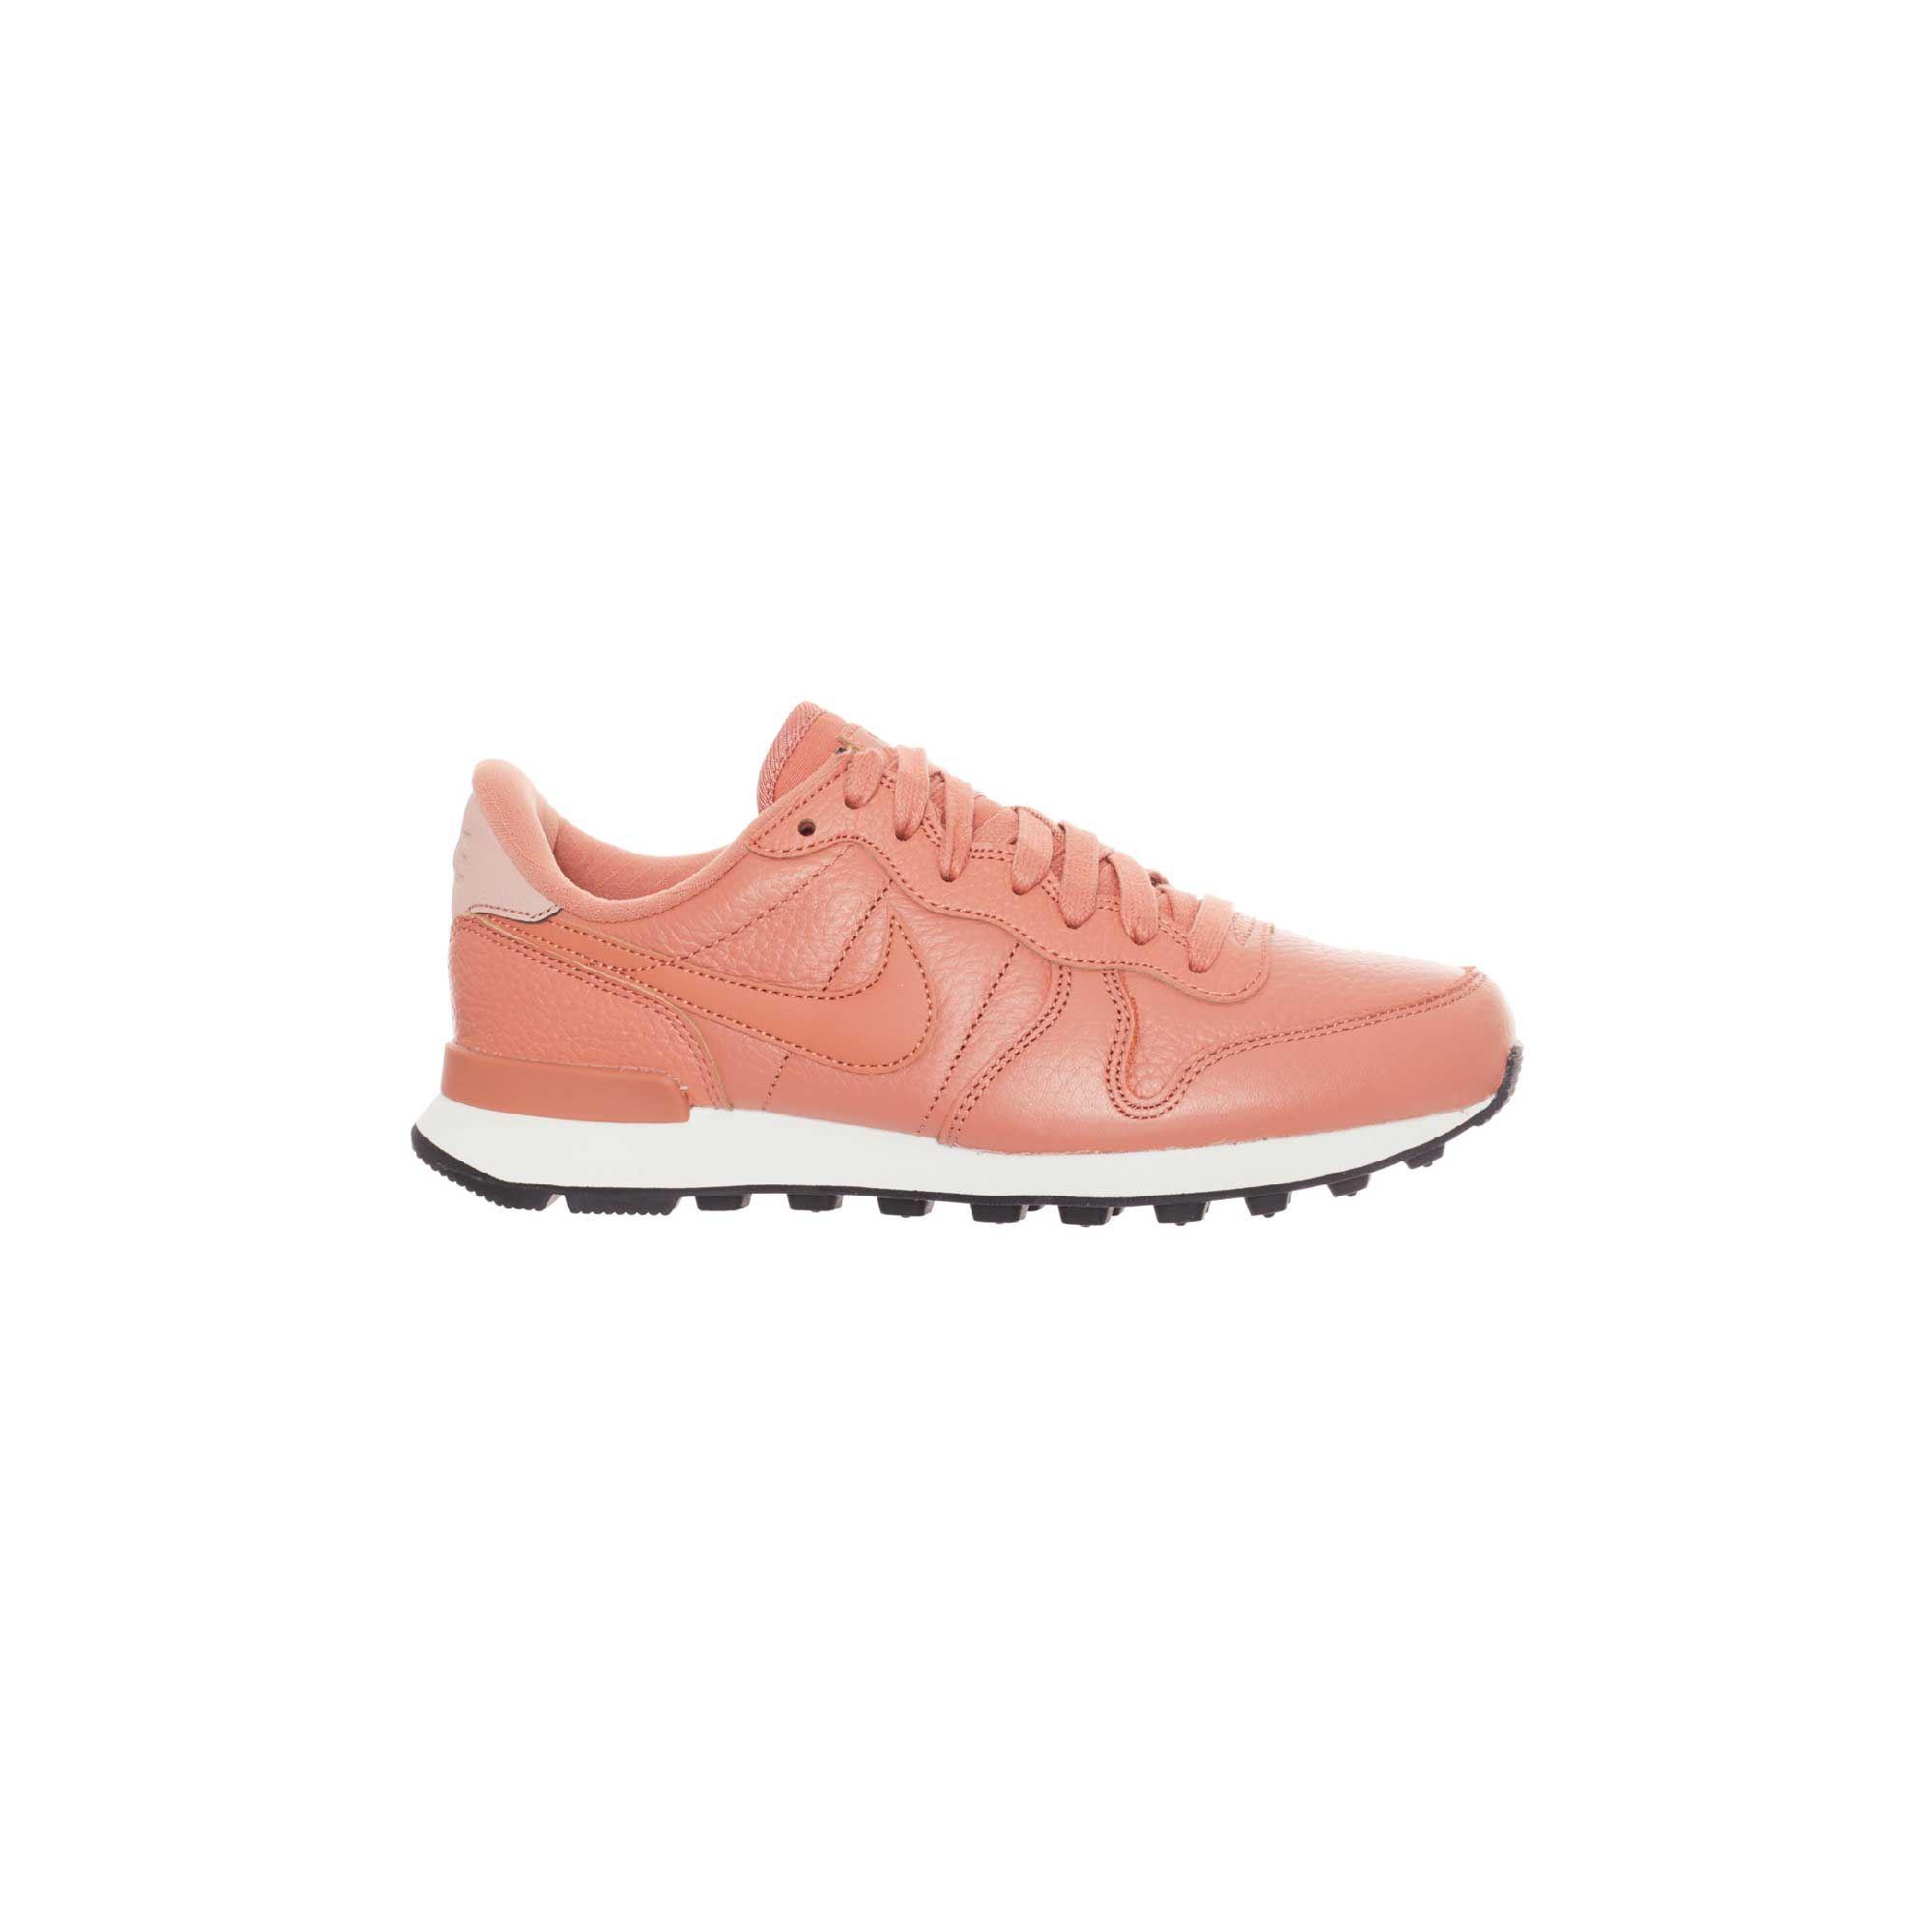 Factory Village 67vbfgyy • Nike Roca Store Tienda La xWrCBdoe